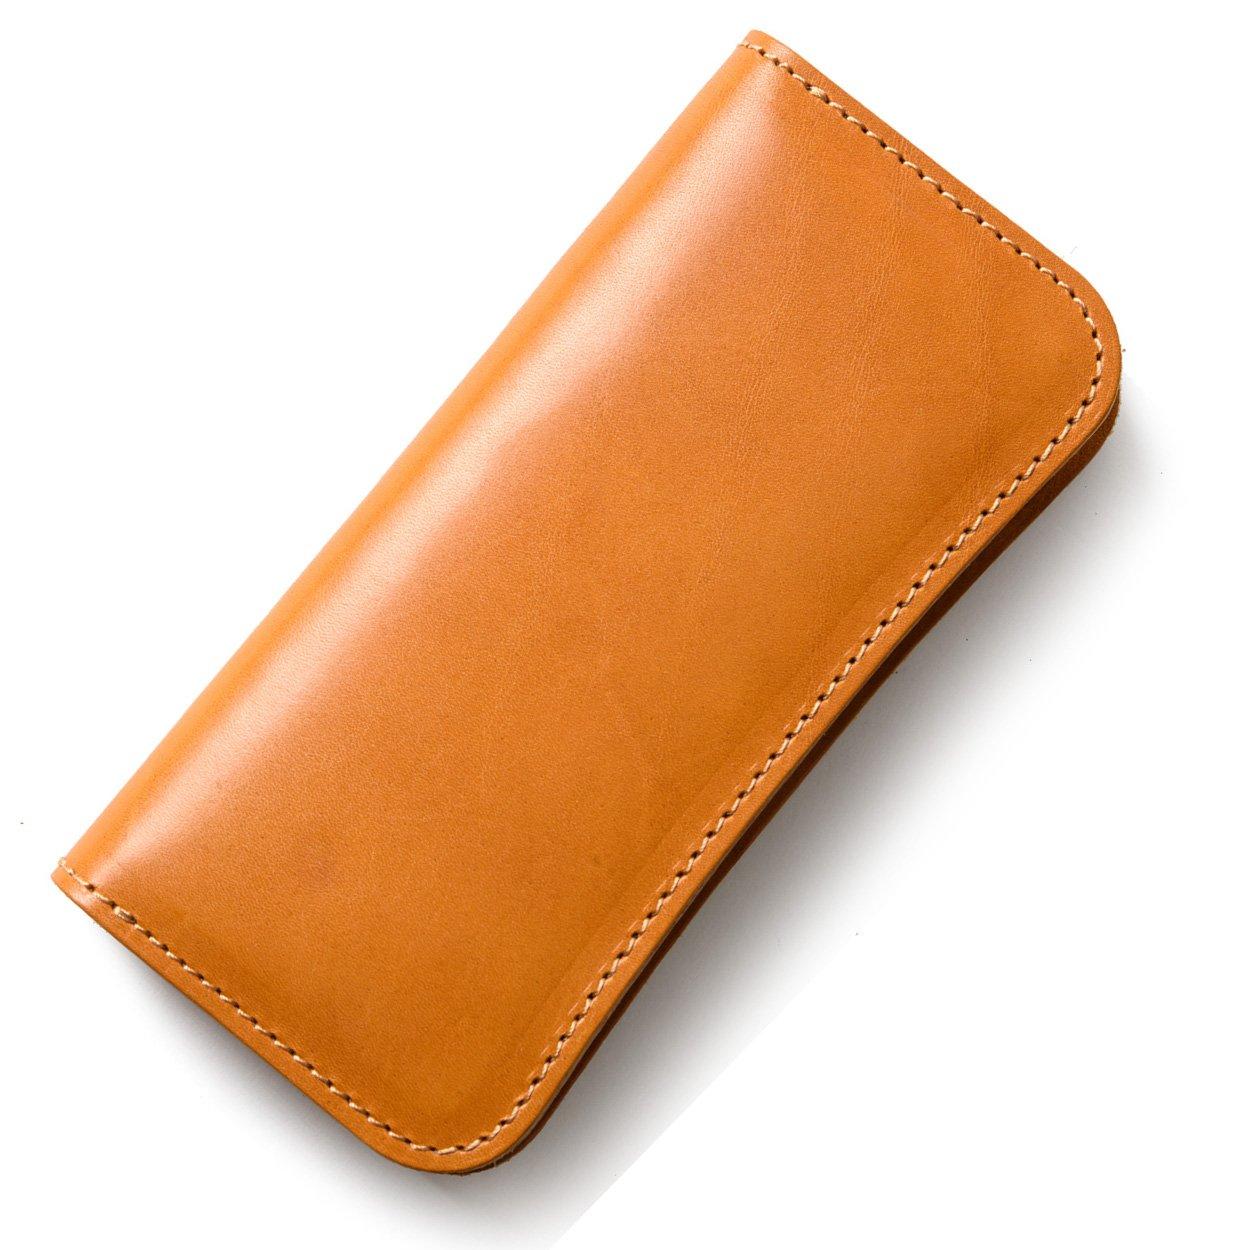 (東京下町工房)長財布 メンズ財布 本革 栃木レザー ヌメ革 日本製 全6色 B07BYCPPLT イエロー イエロー